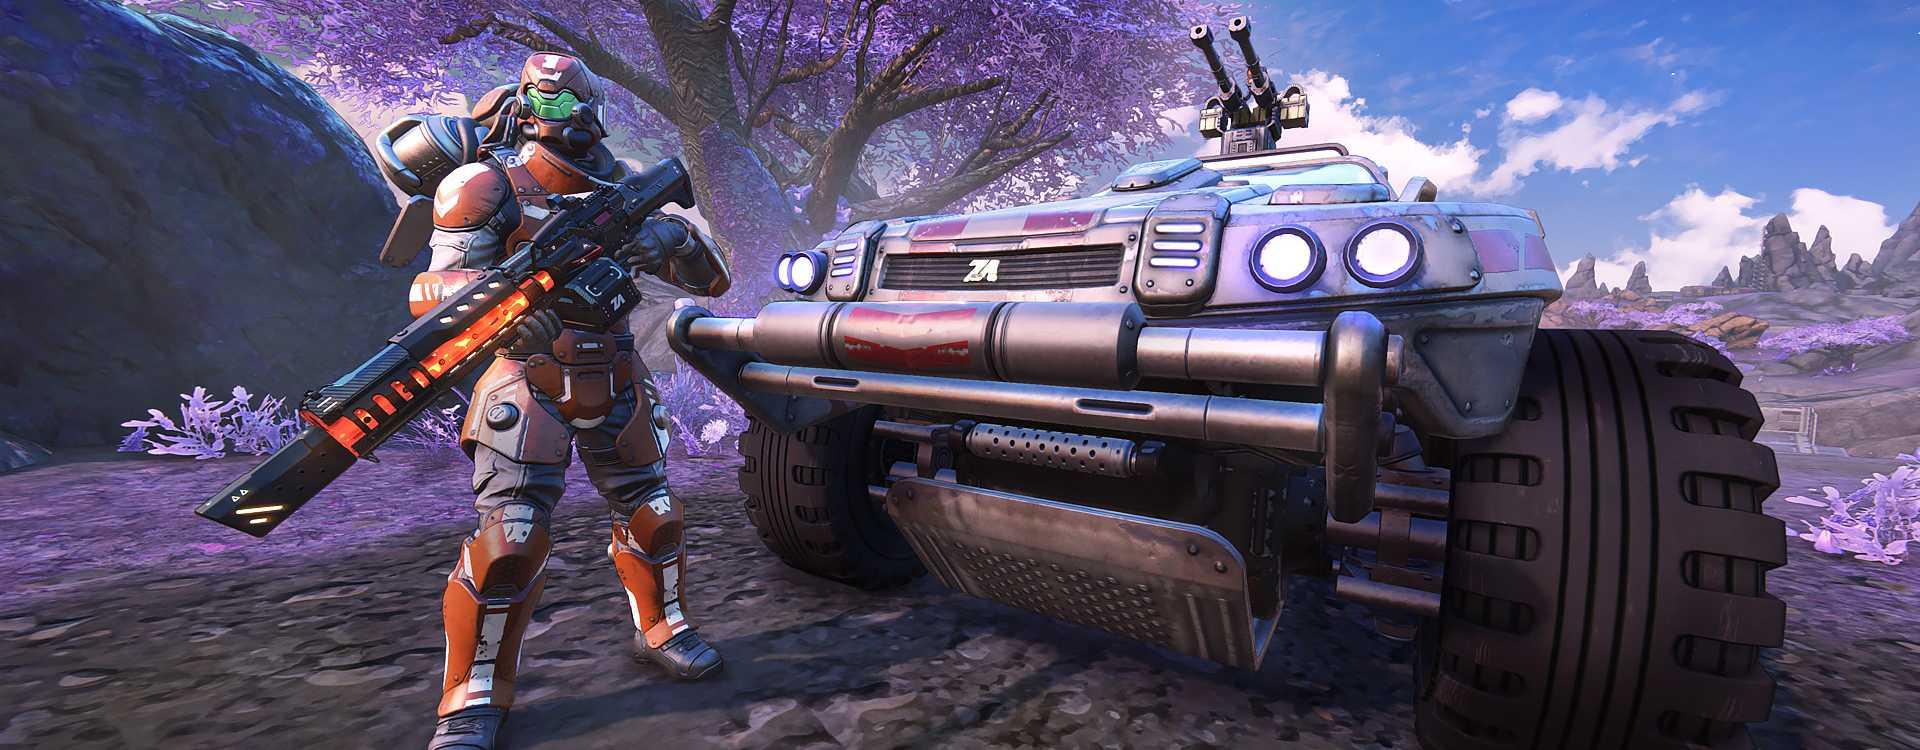 Planetside Arena: Neuer Shooter startet heute auf Steam – Das müsst Ihr wissen